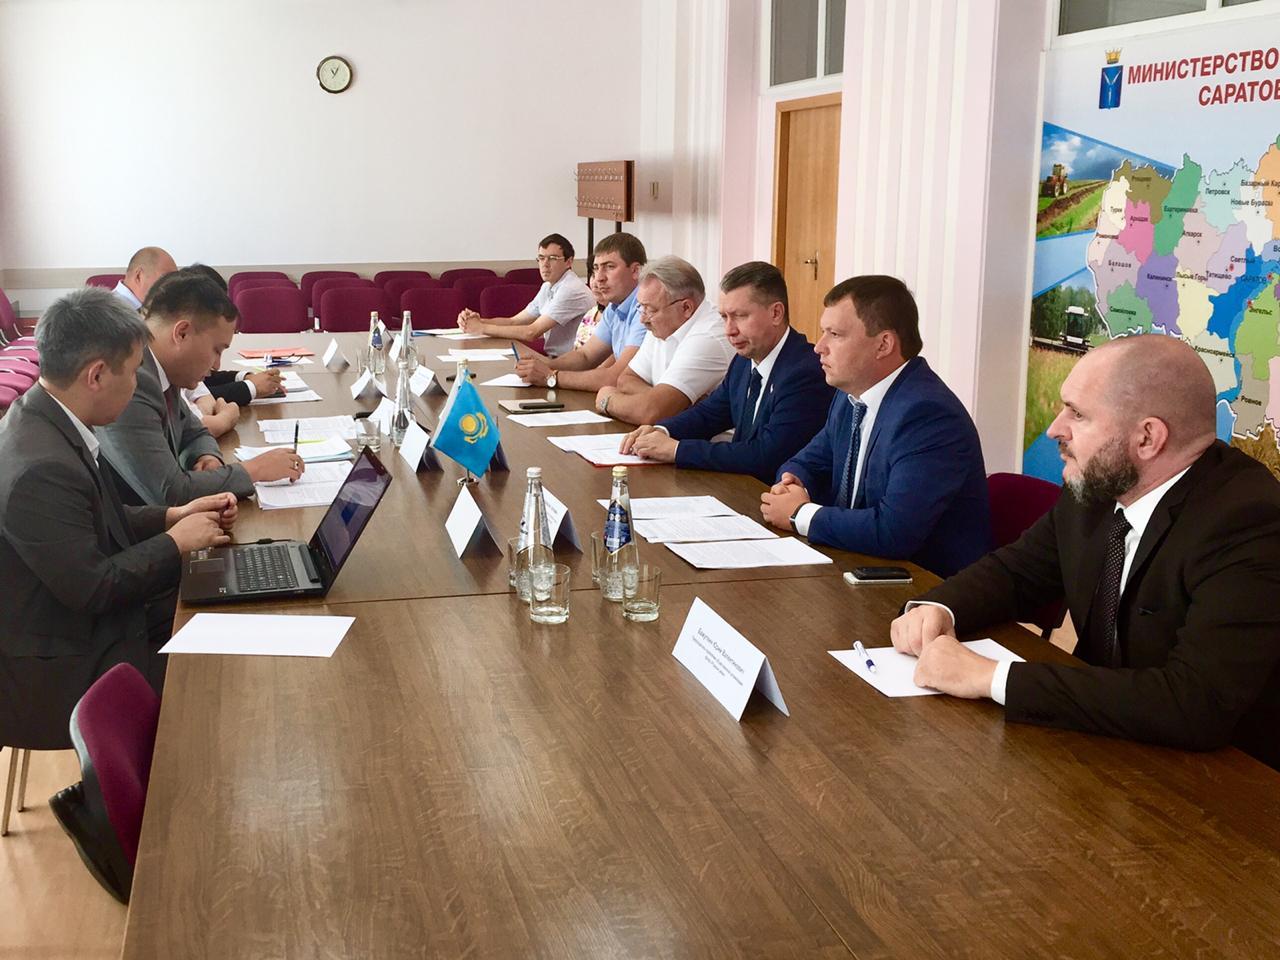 Совместное использование и охрана водных ресурсов Россией и Казахстаном в повестке Правительства Саратовской области